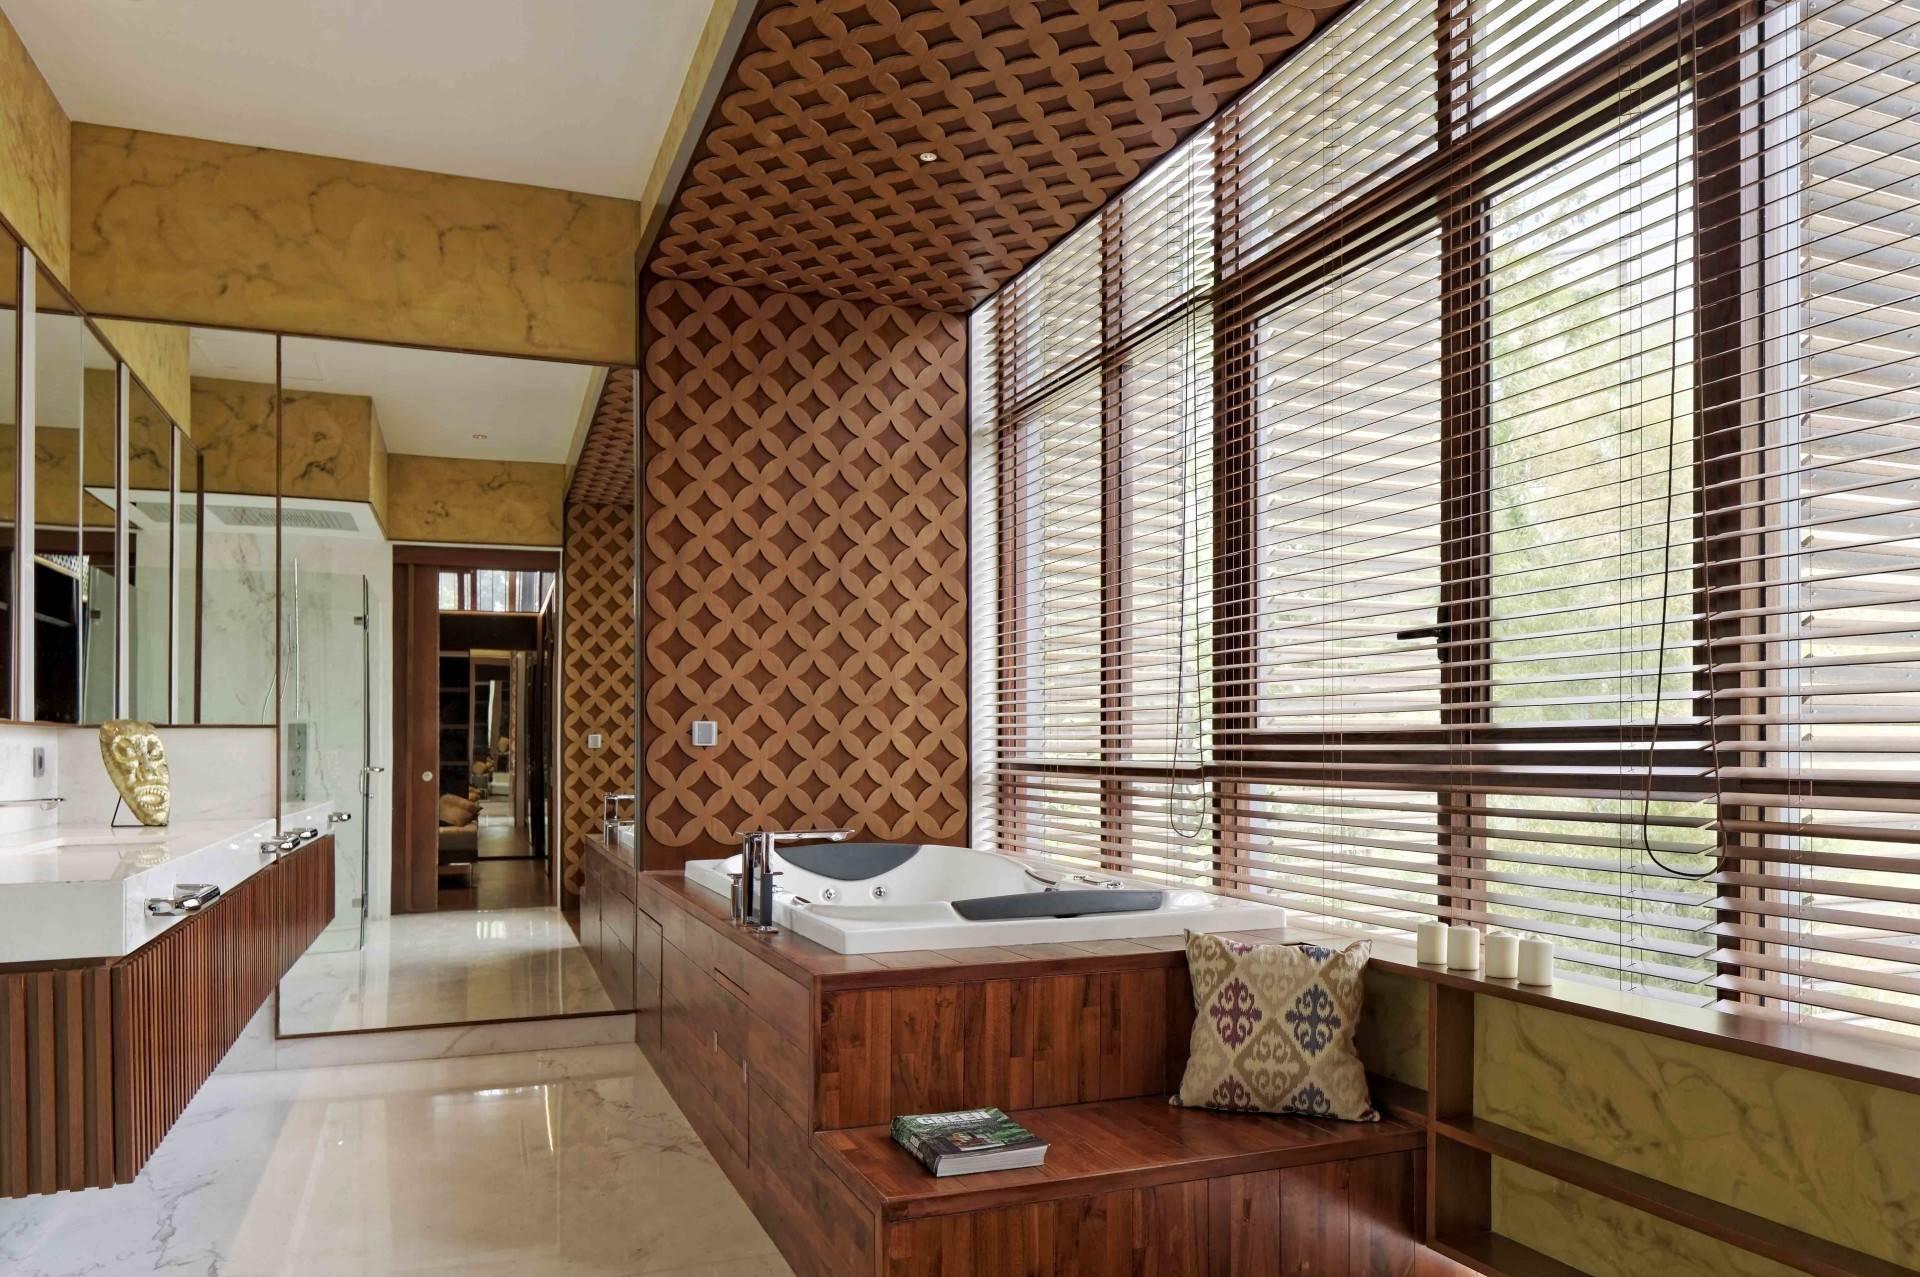 Atelier Cosmas Gozali Denpasar Residence At Kuningan Jakarta, Indonesia Jakarta, Indonesia Bathroom  <P>Photo By Fernando Gomulya</p> 2285